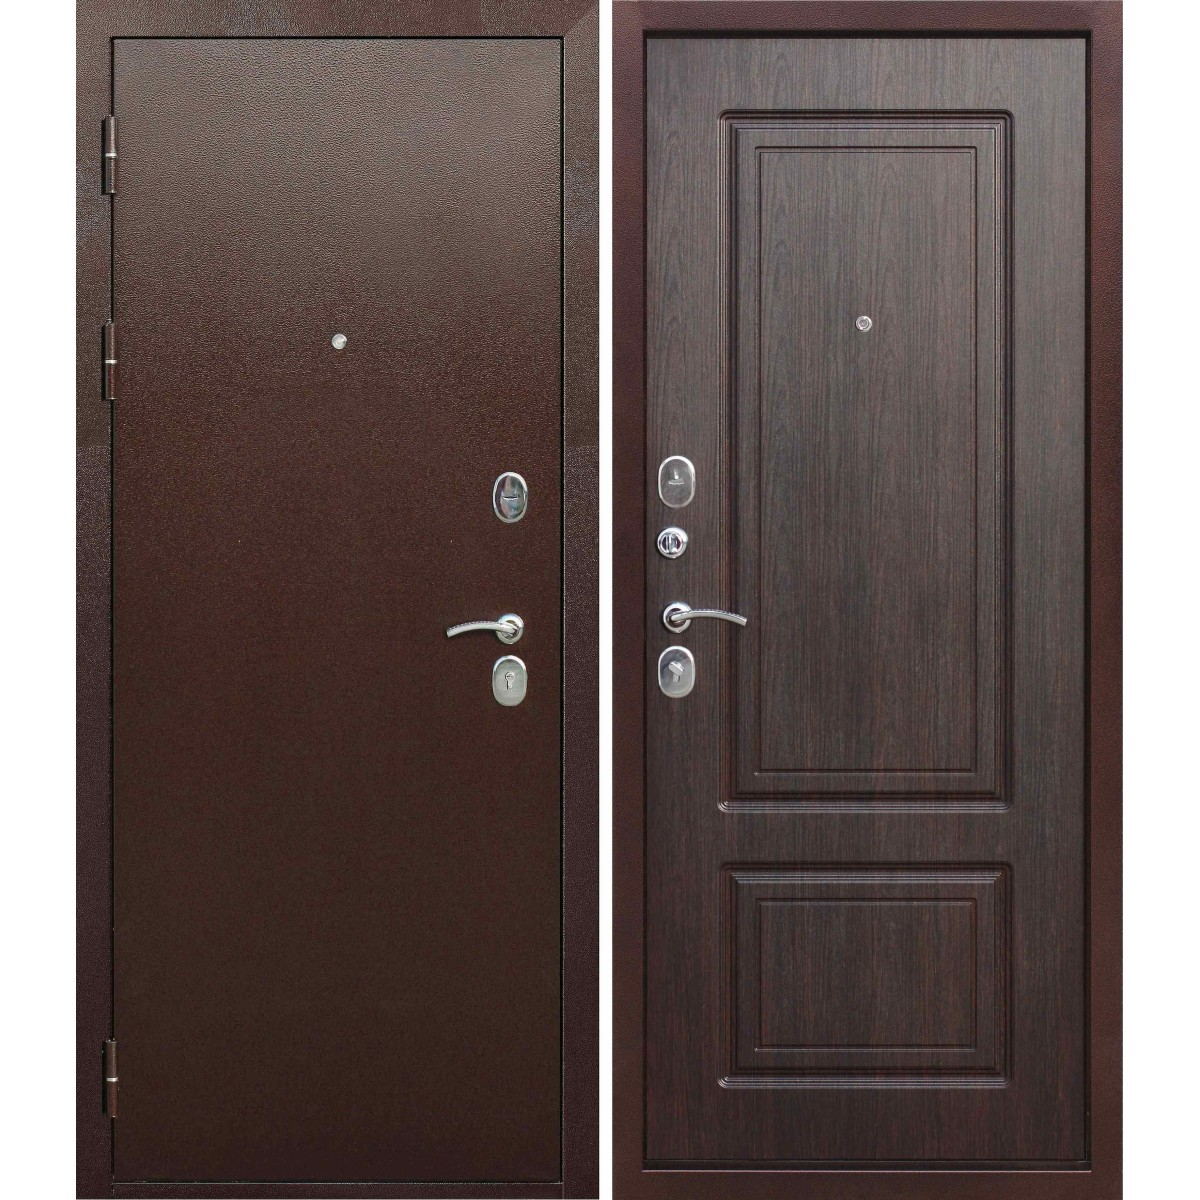 Дверь входная металлическая Толстяк медный антик Венге 960х2050 мм левая